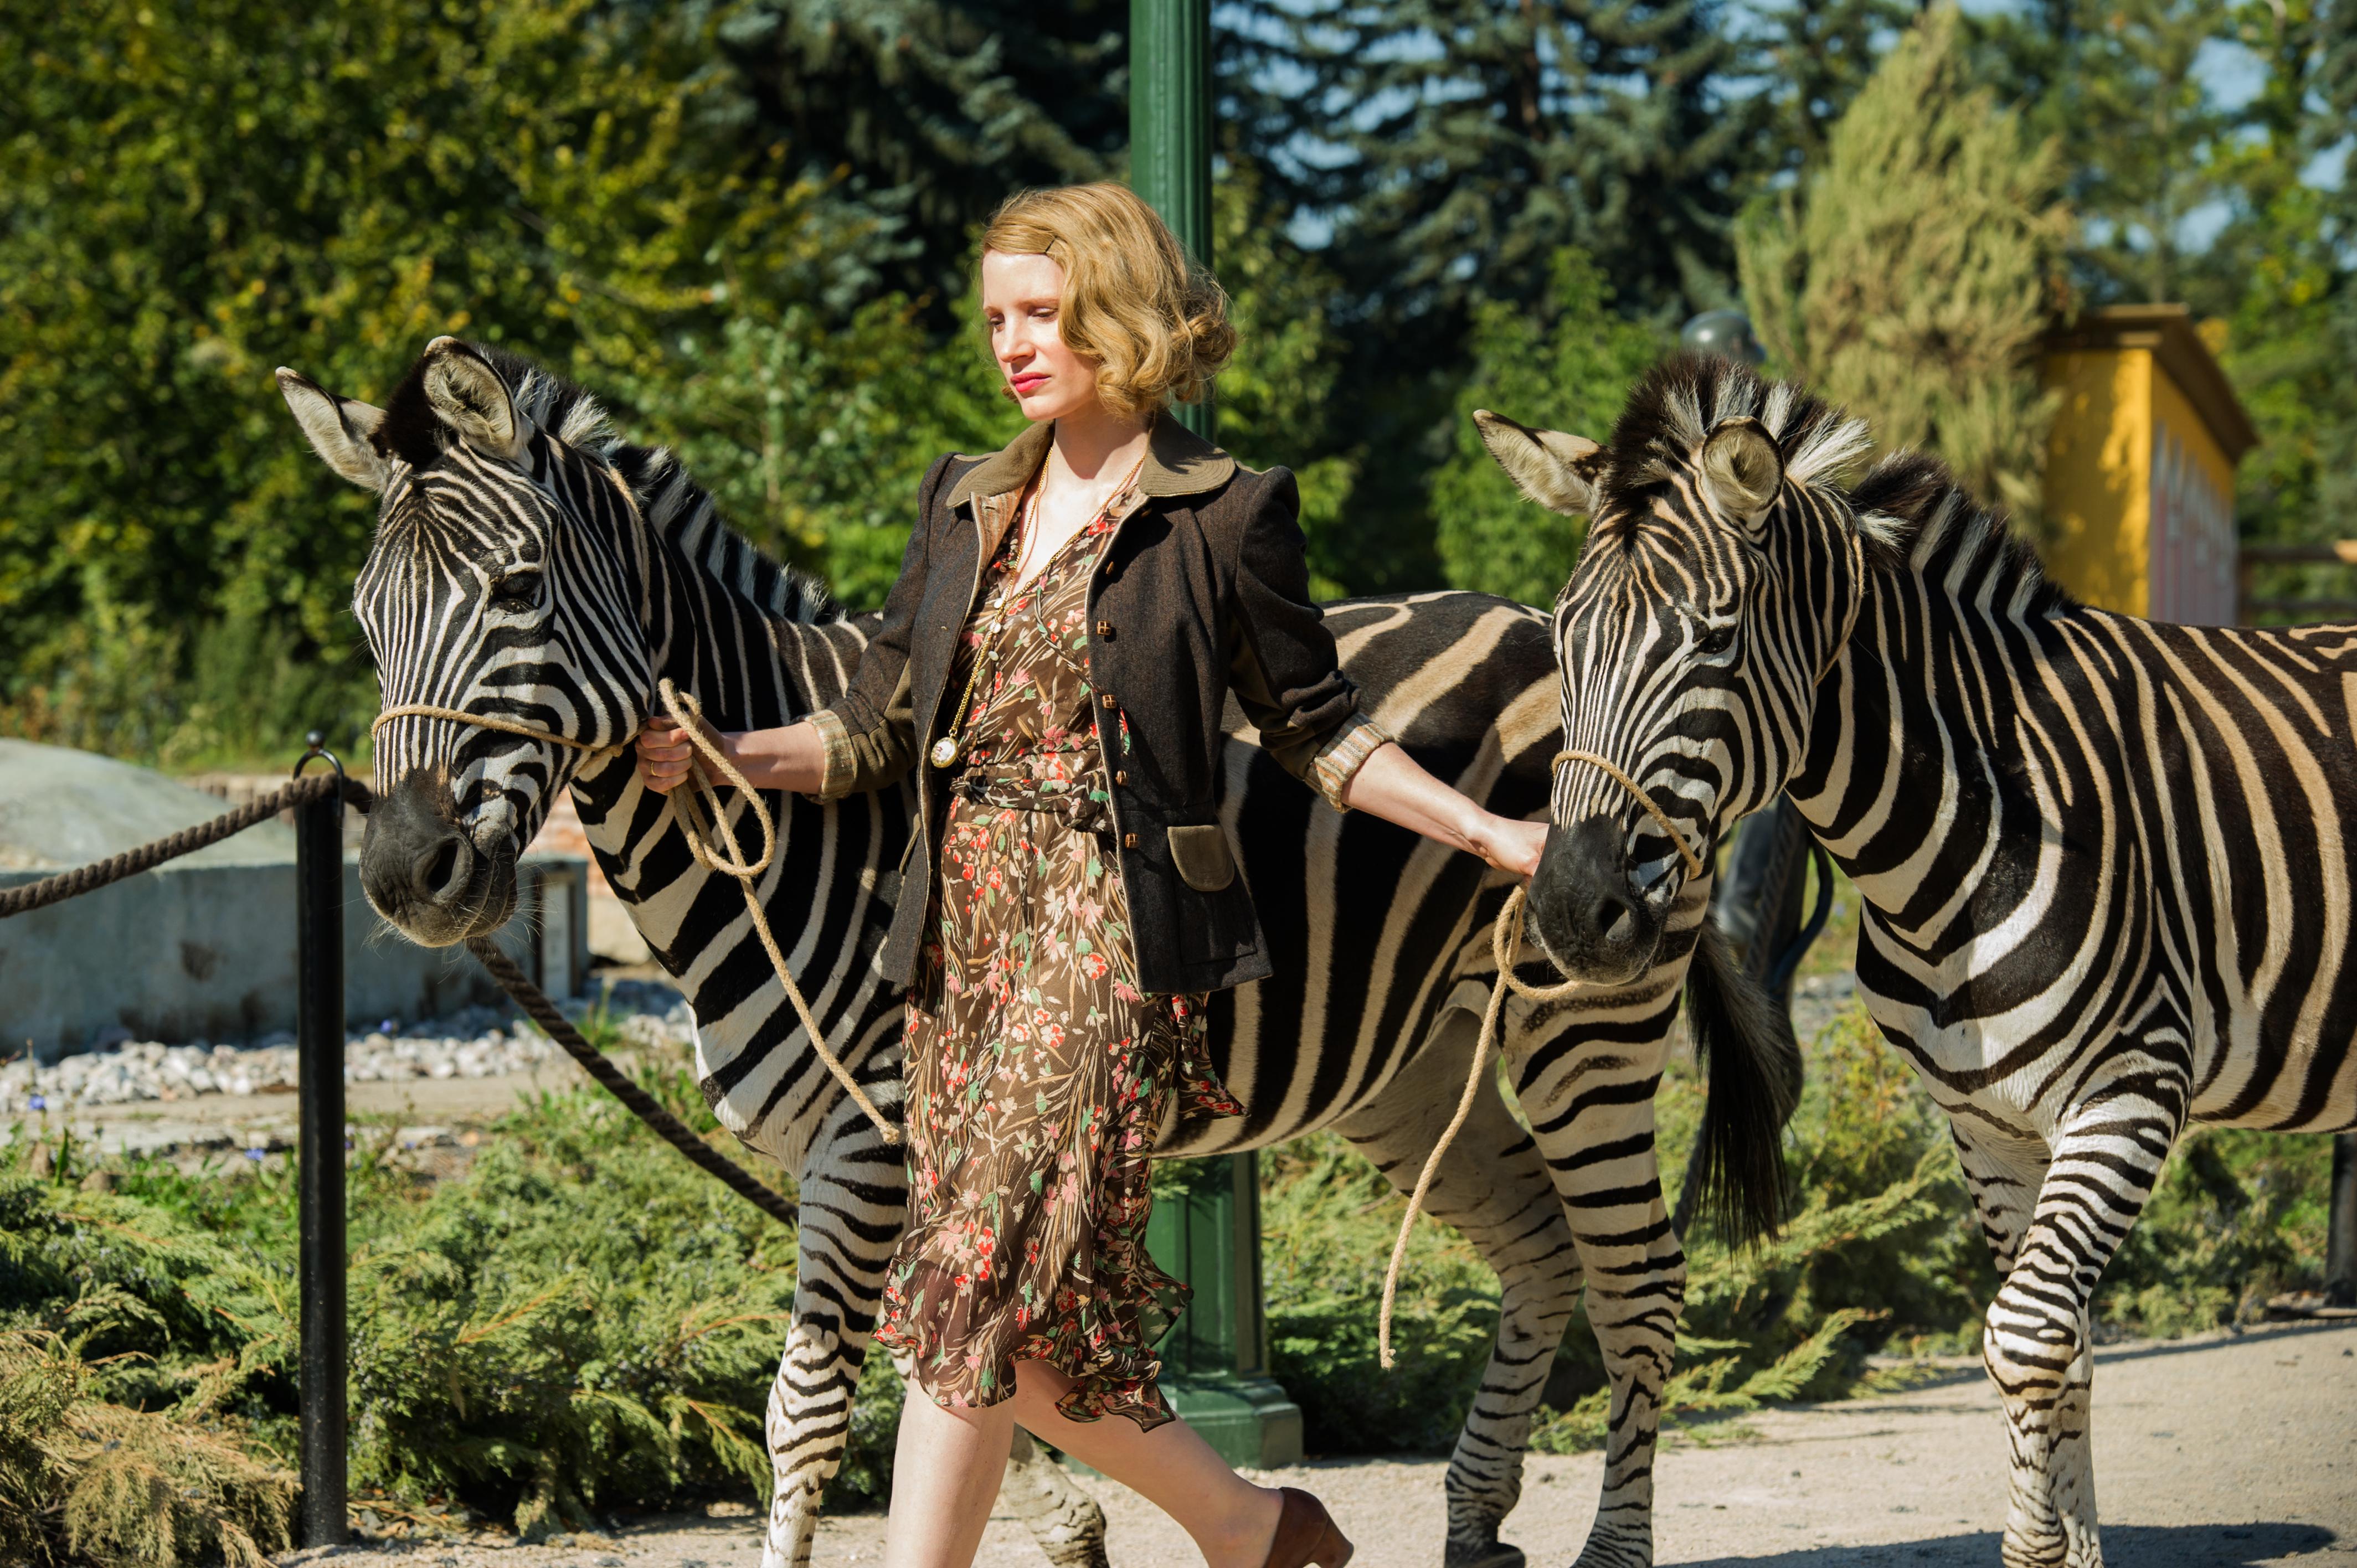 жена смотрителя зоопарка кадр 2